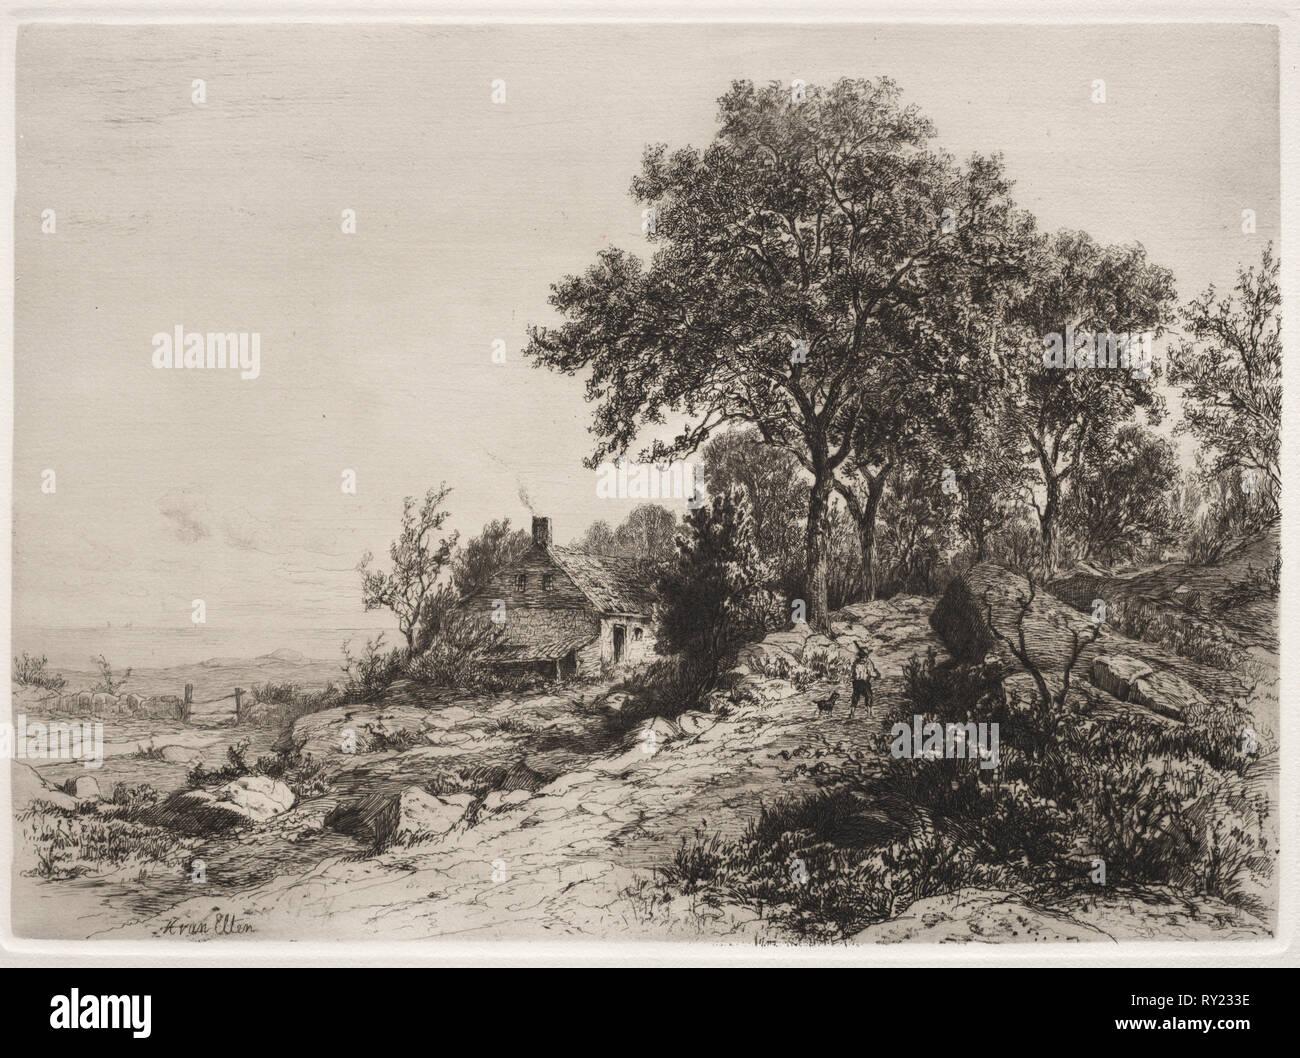 109: Cottage by the Sea. Hendrik Dirk Kruseman van Elten (American, 1829-1904). Etching - Stock Image